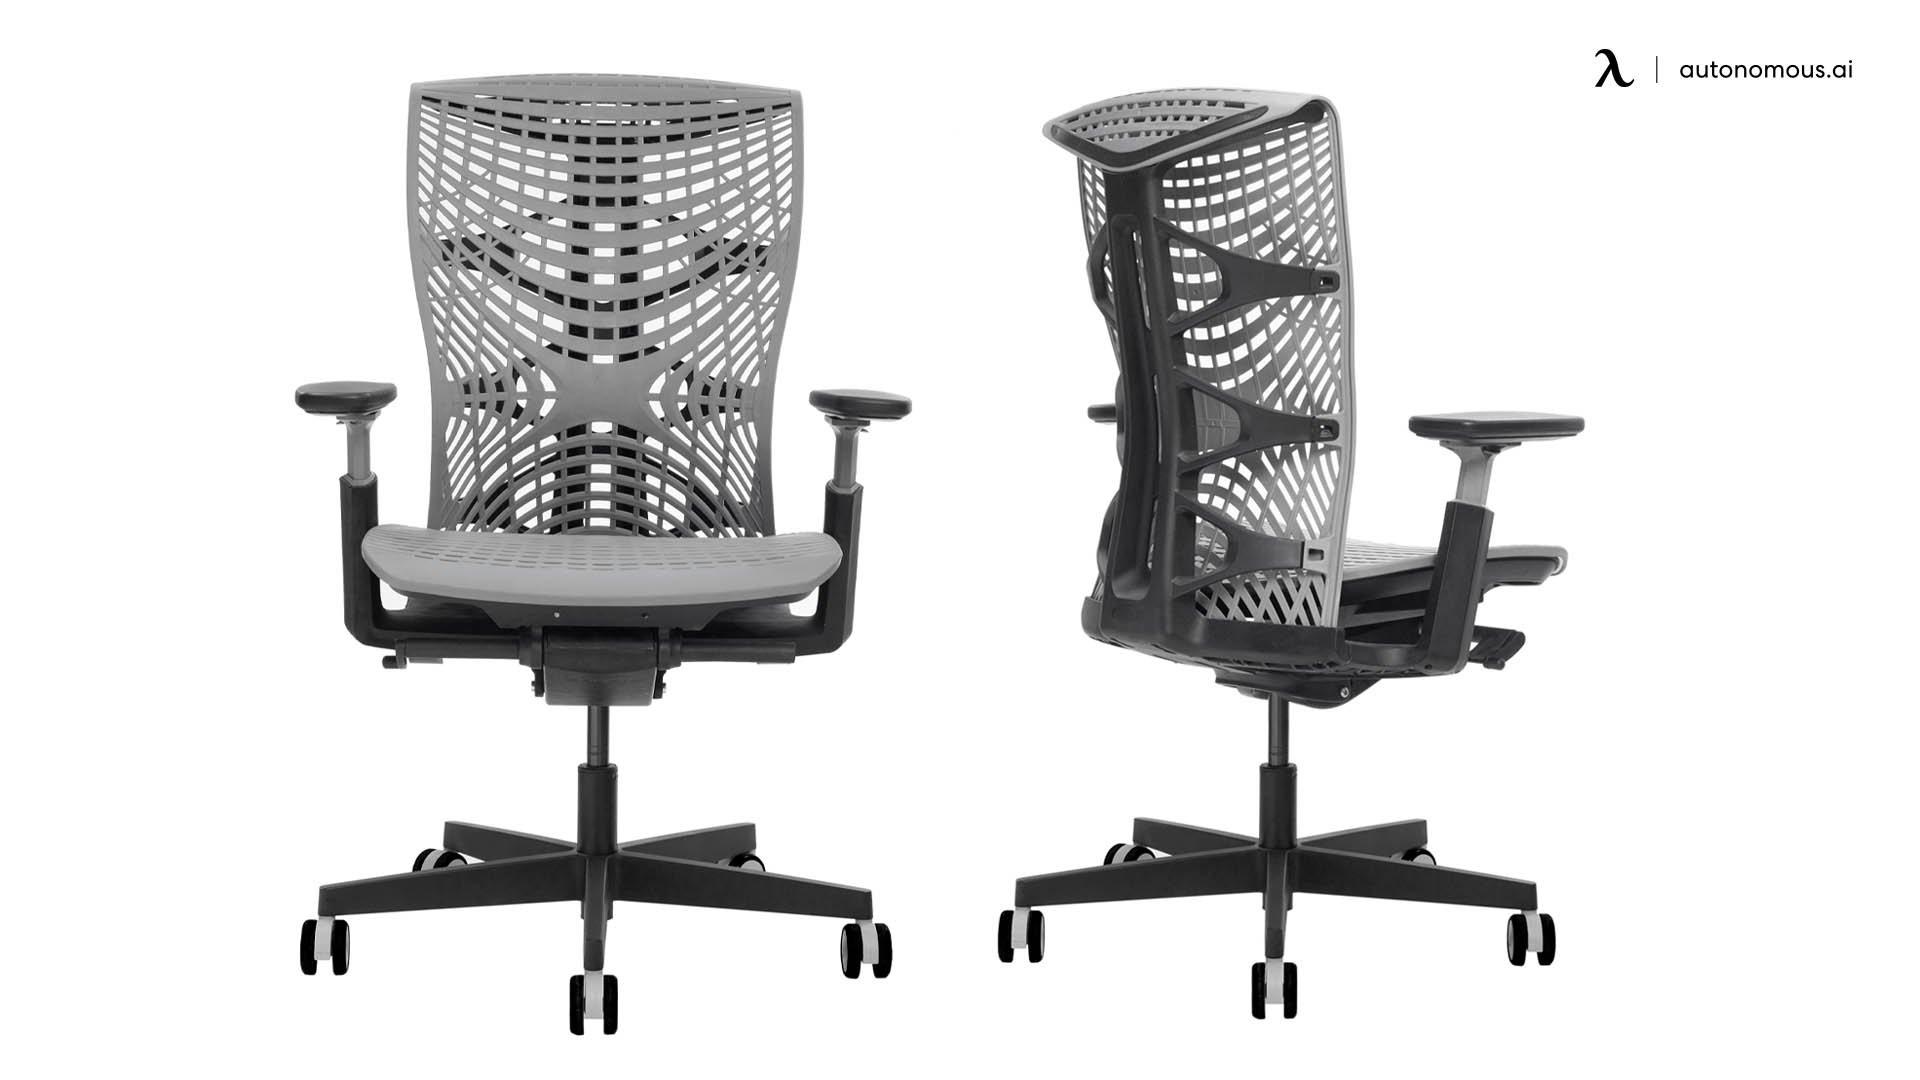 The autonomous Kinn Chair